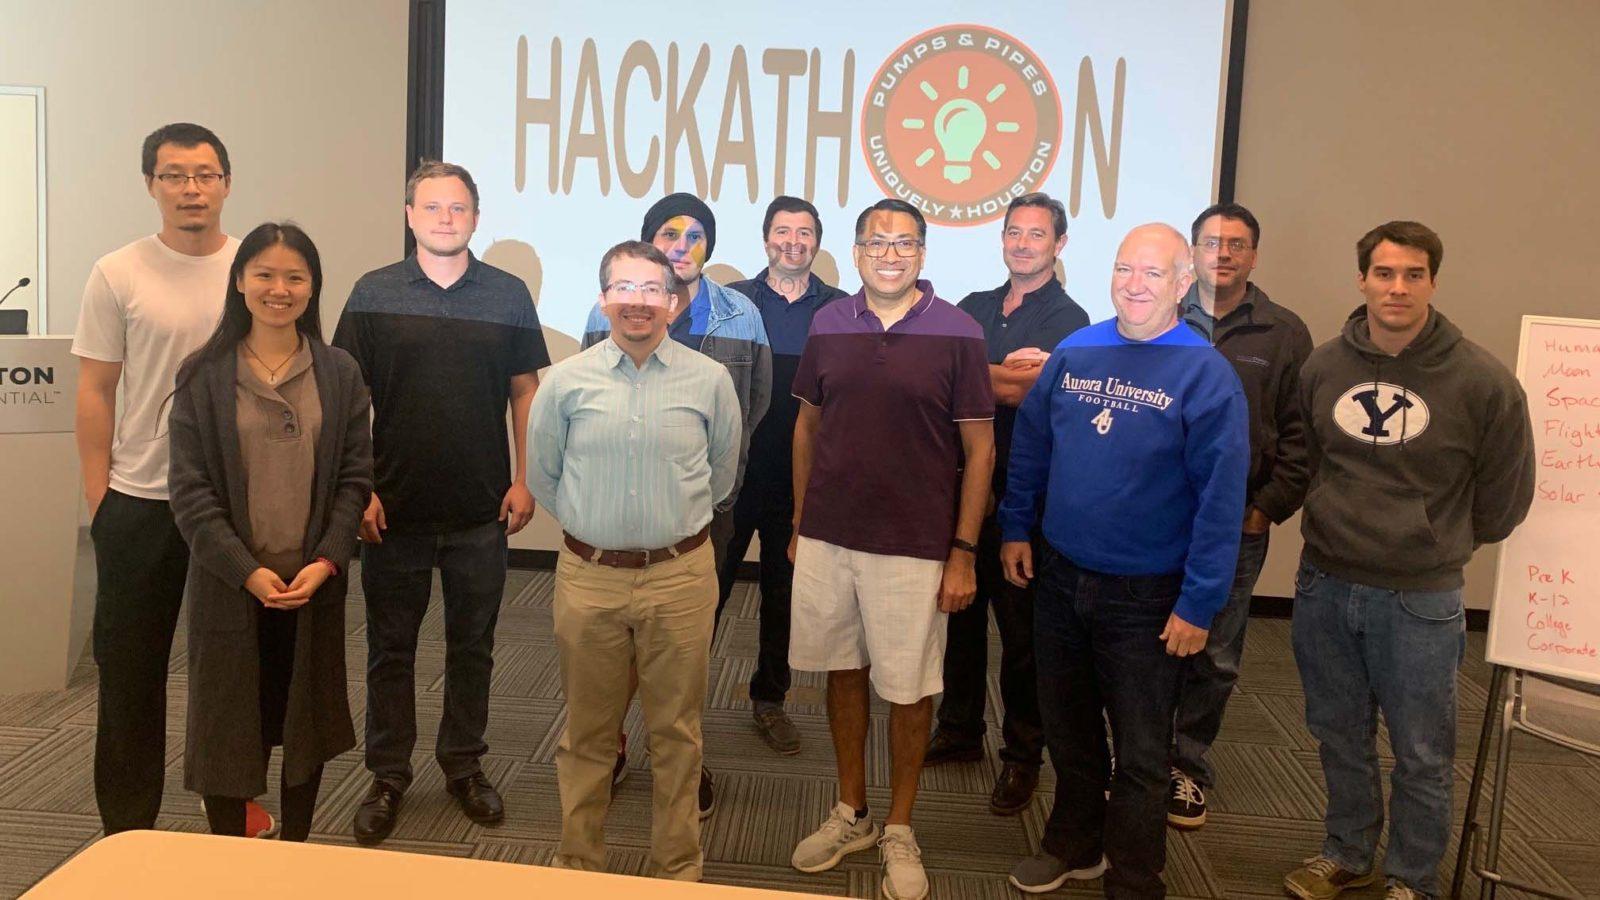 Hackathon participants at Houston Exponential